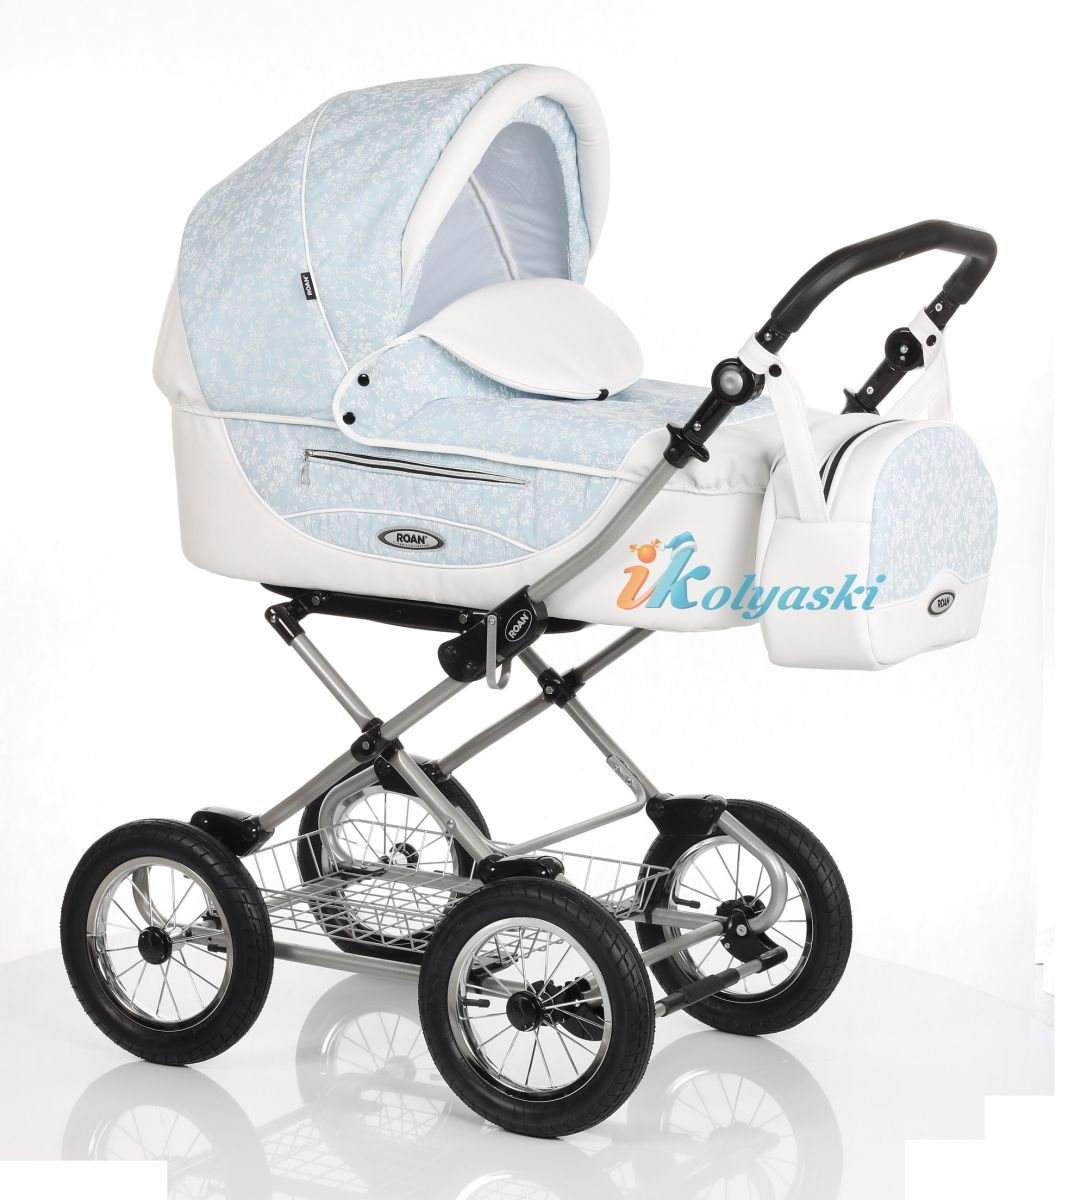 Детская коляска Roan Kortina Luxe Роан Кортина люкс 2018 спальная люлька 3 в 1 , коляска для новорожденных, коляска зима-лето.  roan kortina, roan cortina, Детская коляска Roan Kortina Luxe, коляска Роан Кортина люкс 2018, коляска спальная, коляска  люлька, коляска 3 в 1, коляска для новорожденных, роан кортина, коляска роан кортина, коляска roan cortina, цвет S-63